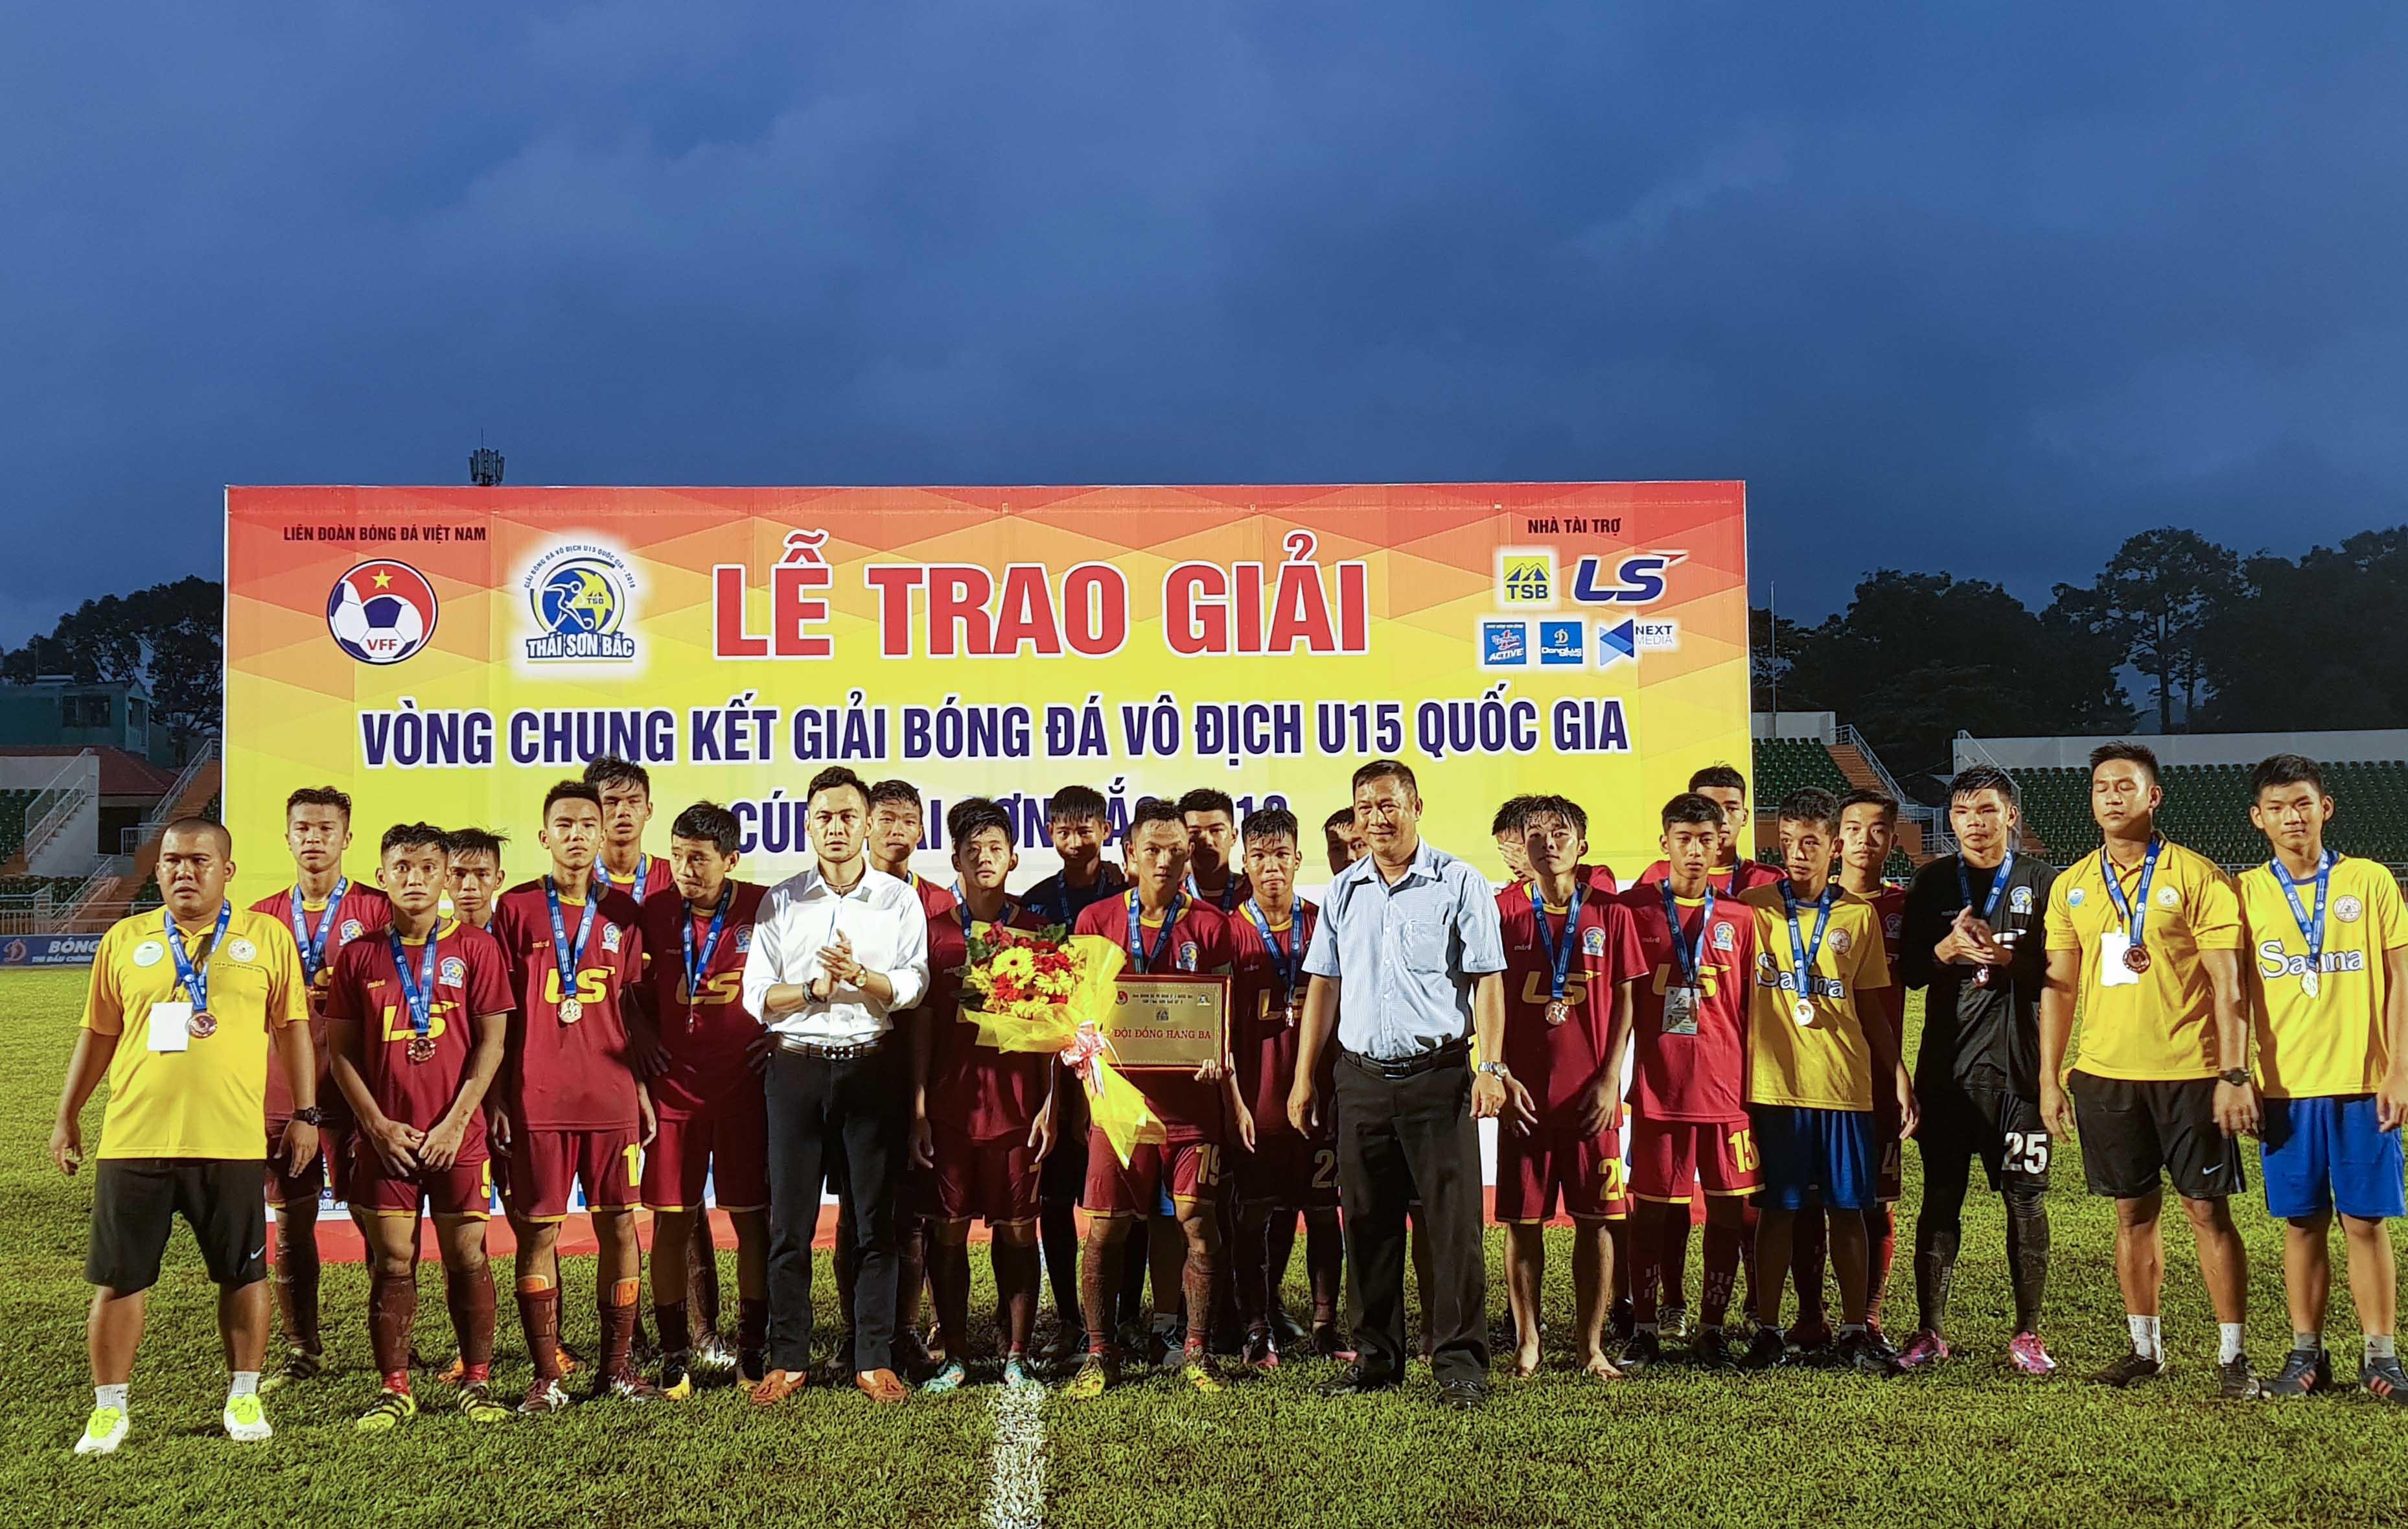 VCK U15 Quốc gia 2018: Thắng kịch tính S.Khánh Hòa, SLNA vào chung kết - Bóng Đá